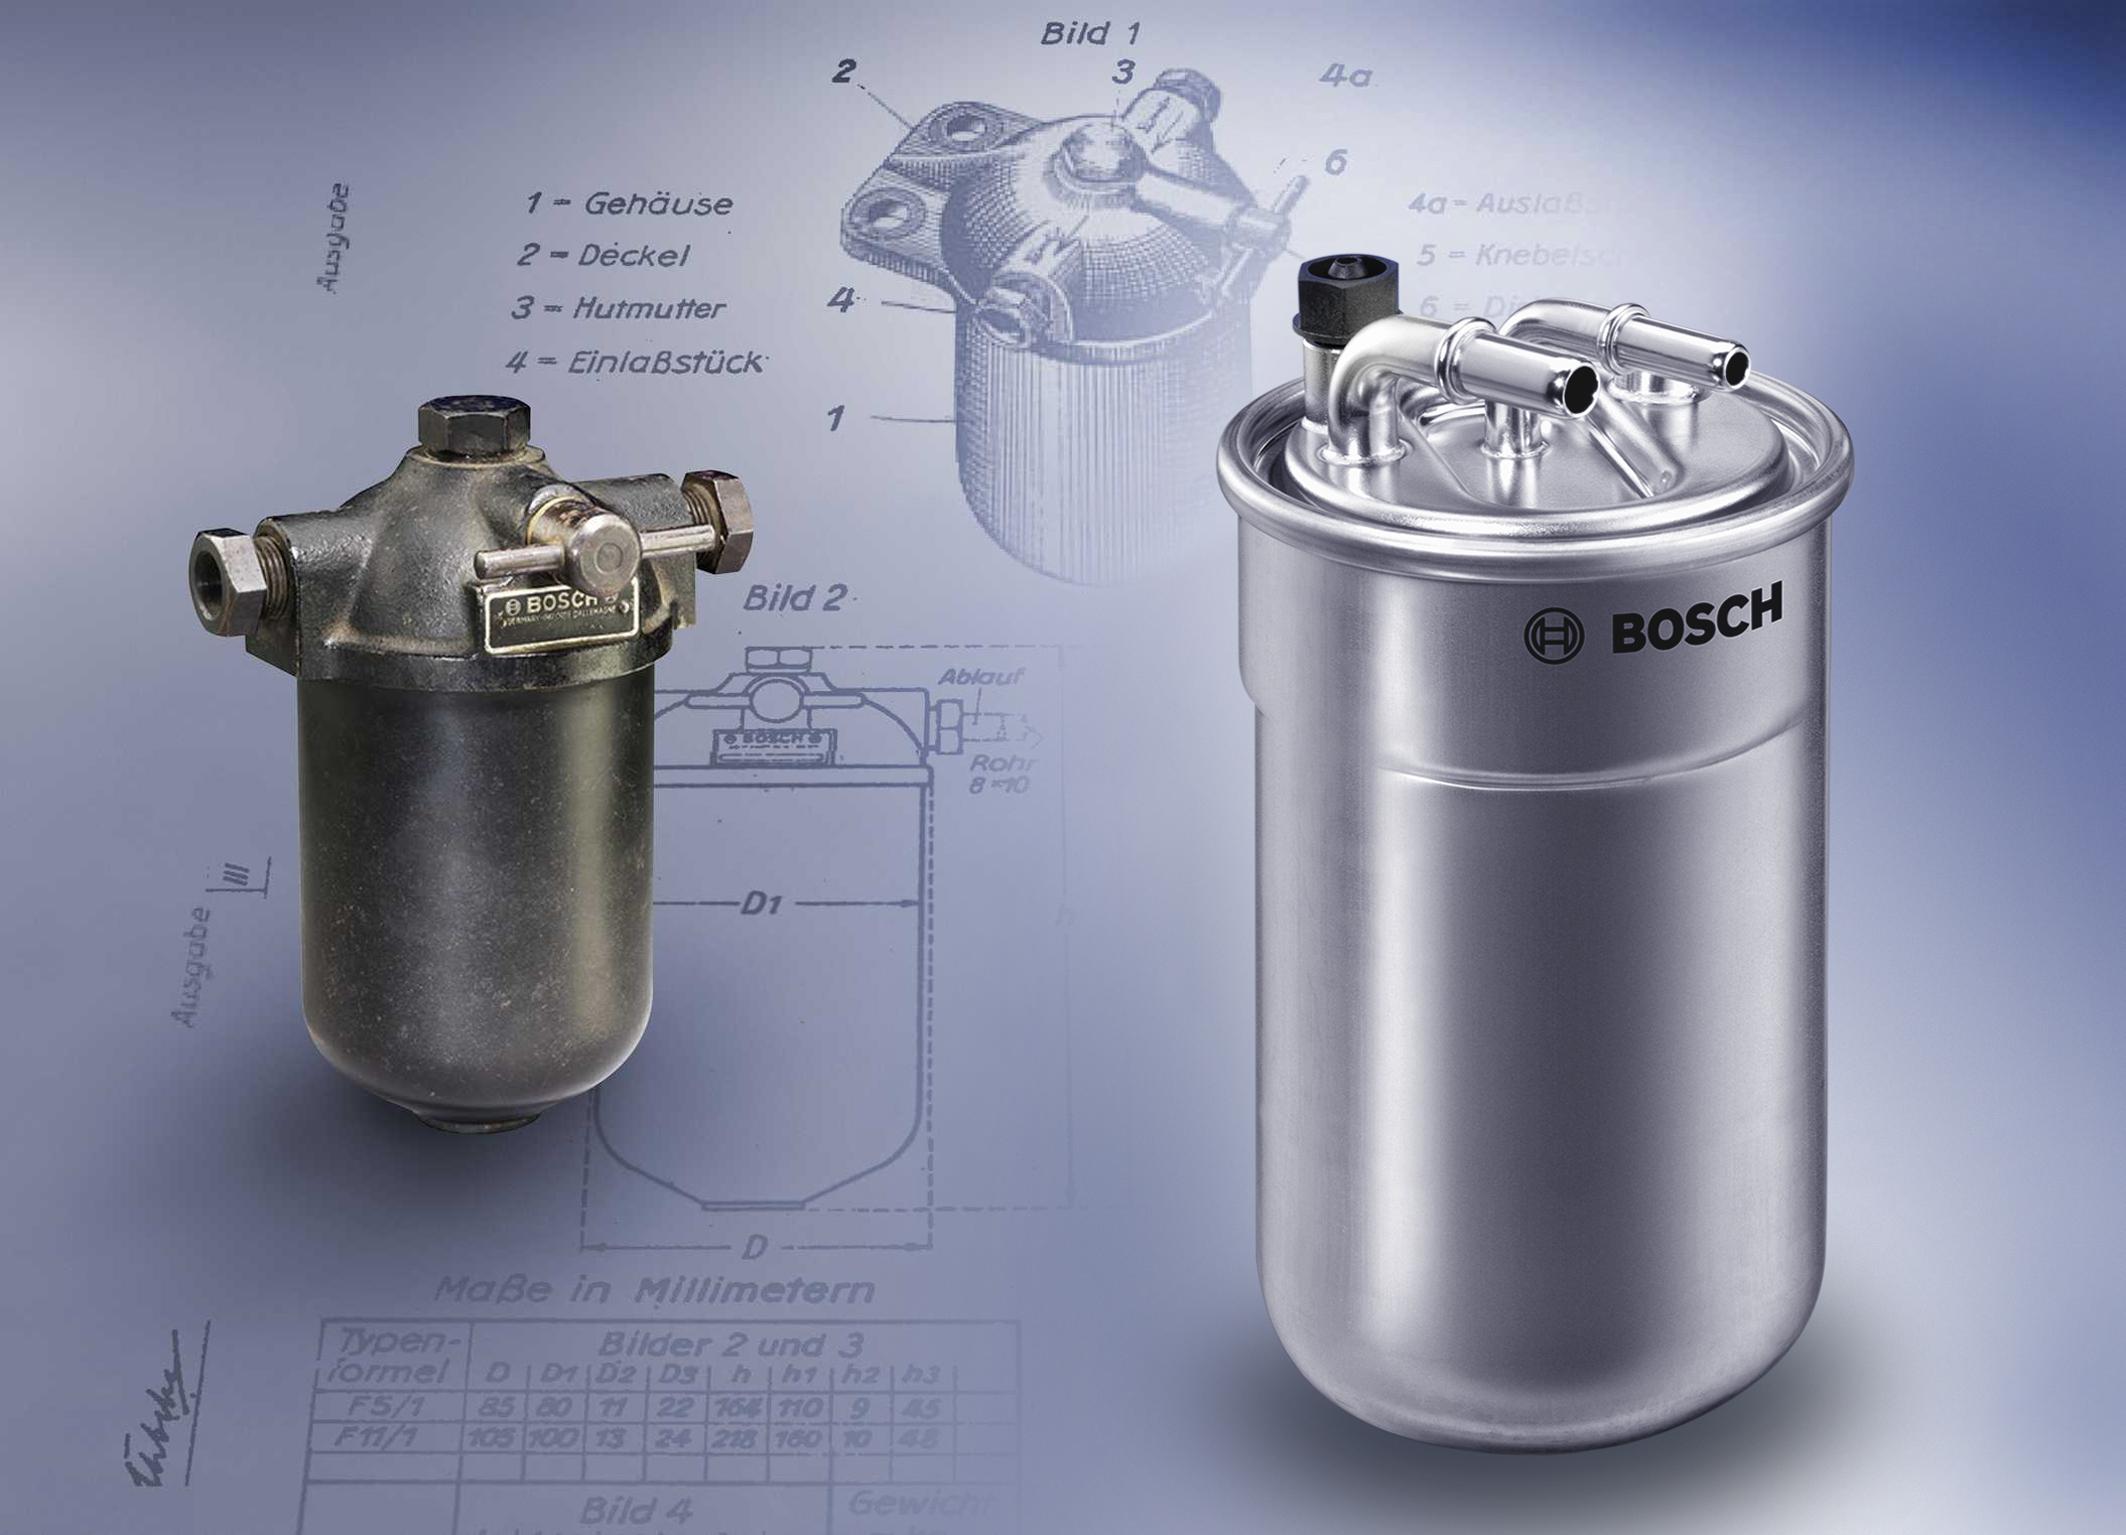 Секреты популярности: Топливные фильтры Bosch уже более 85 лет обеспечивают бесперебойную работу двигателей